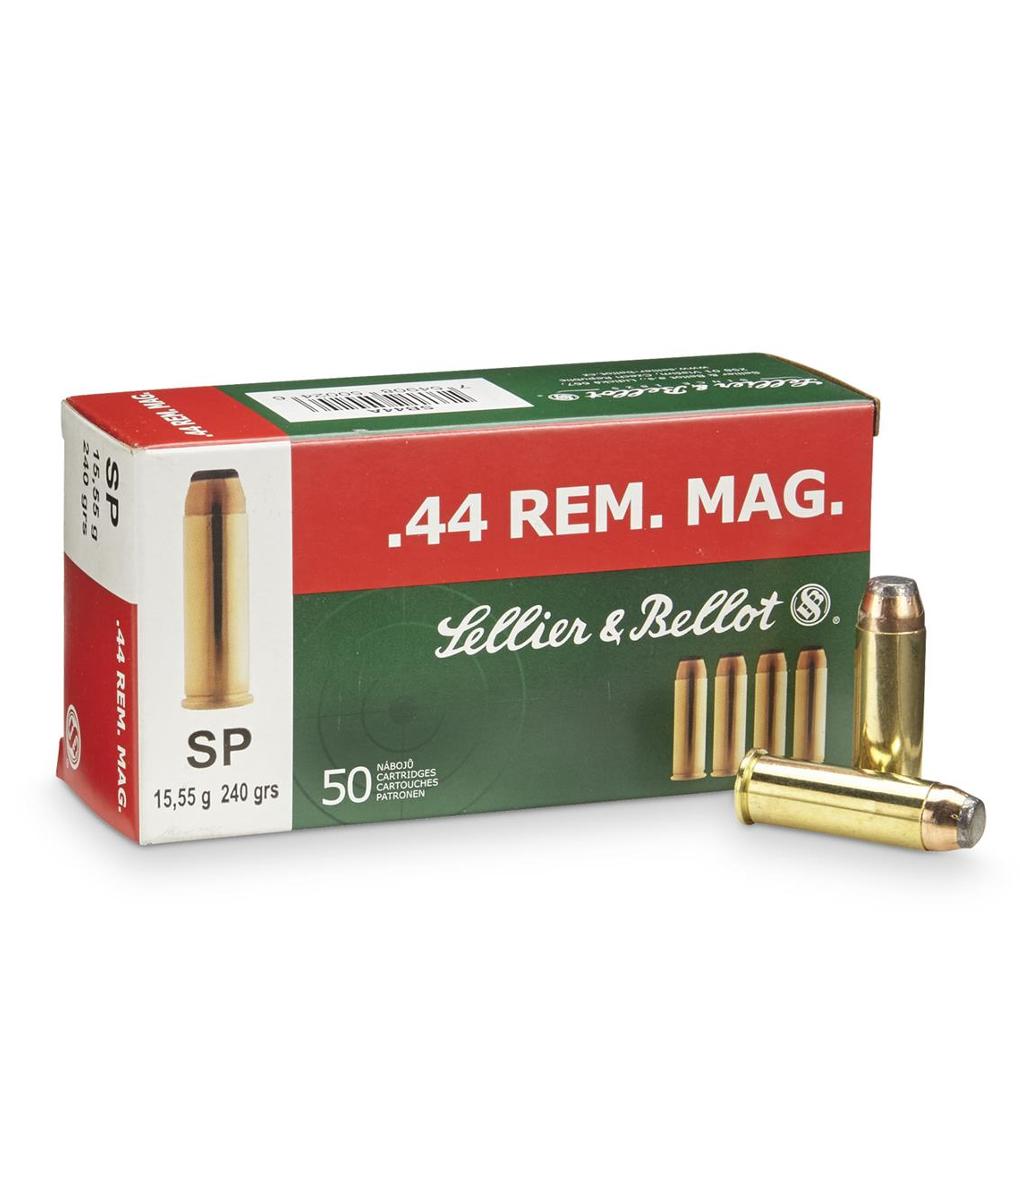 Sellier & Bellot .44 Rem .Mag, 240gr. SP (50pk)